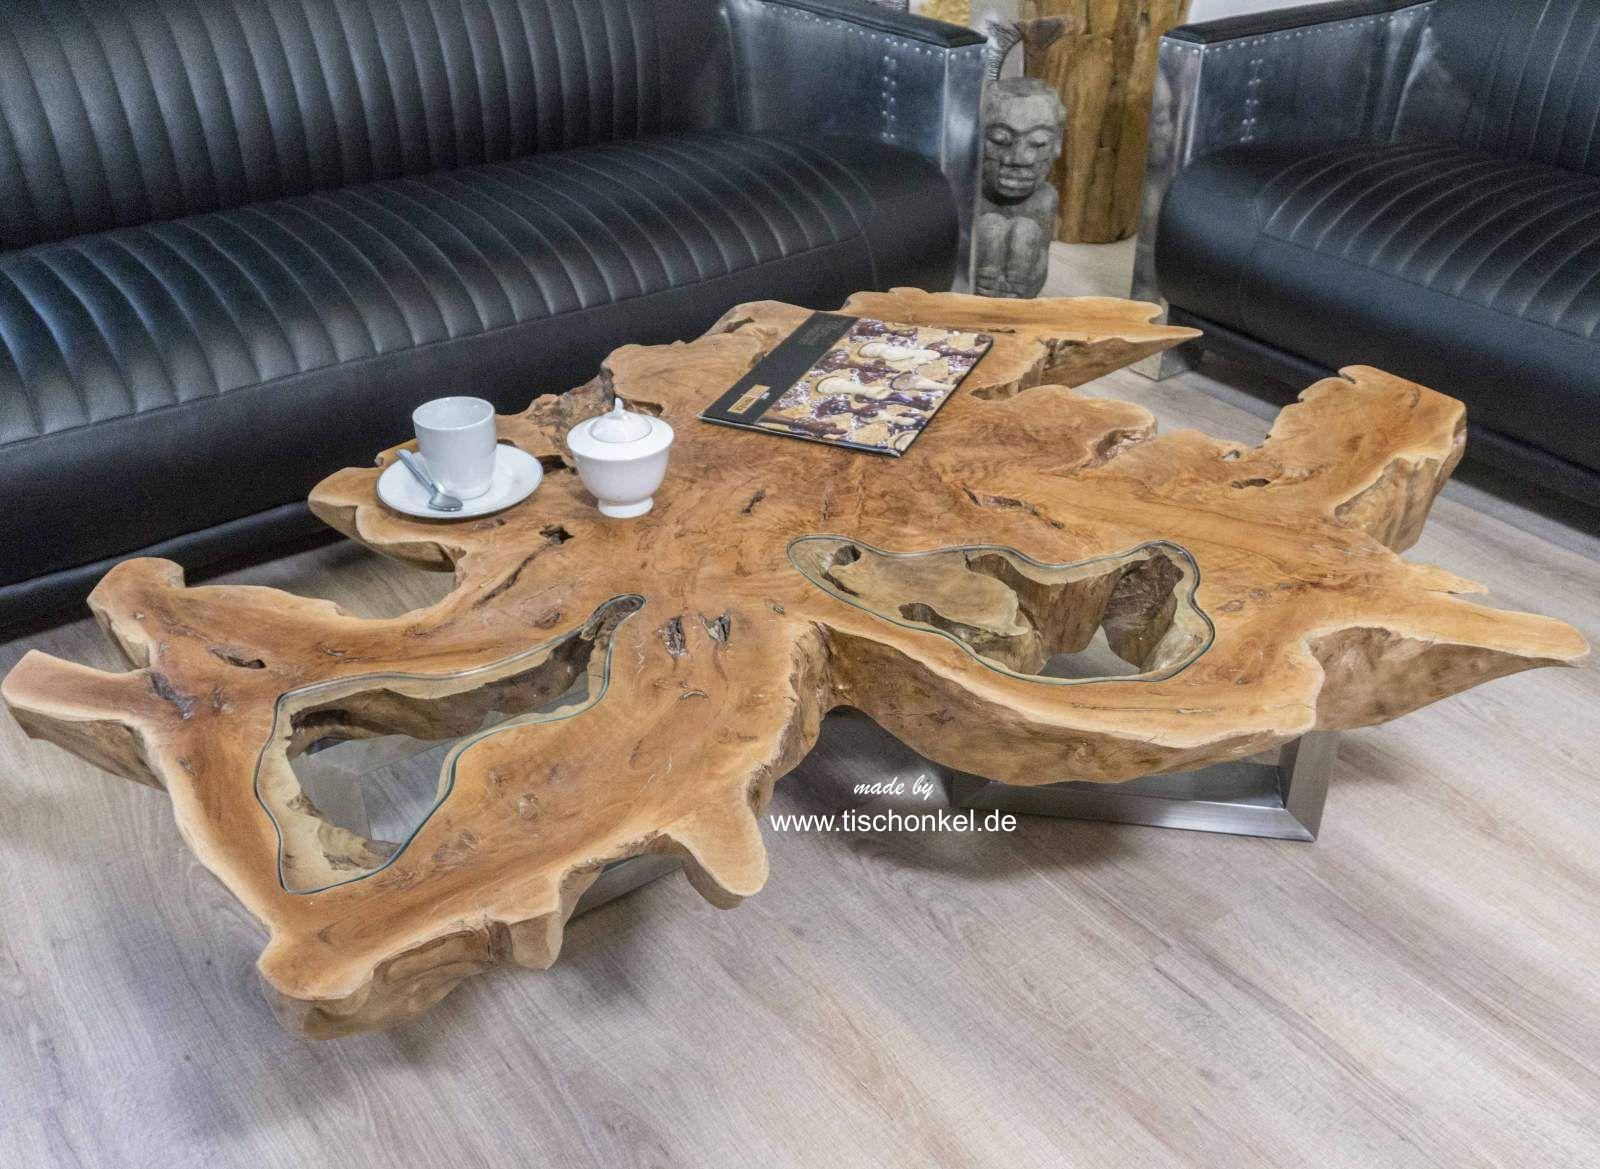 Couchtisch Aus Einer Baumscheibe Mit Glas Der Tischonkel